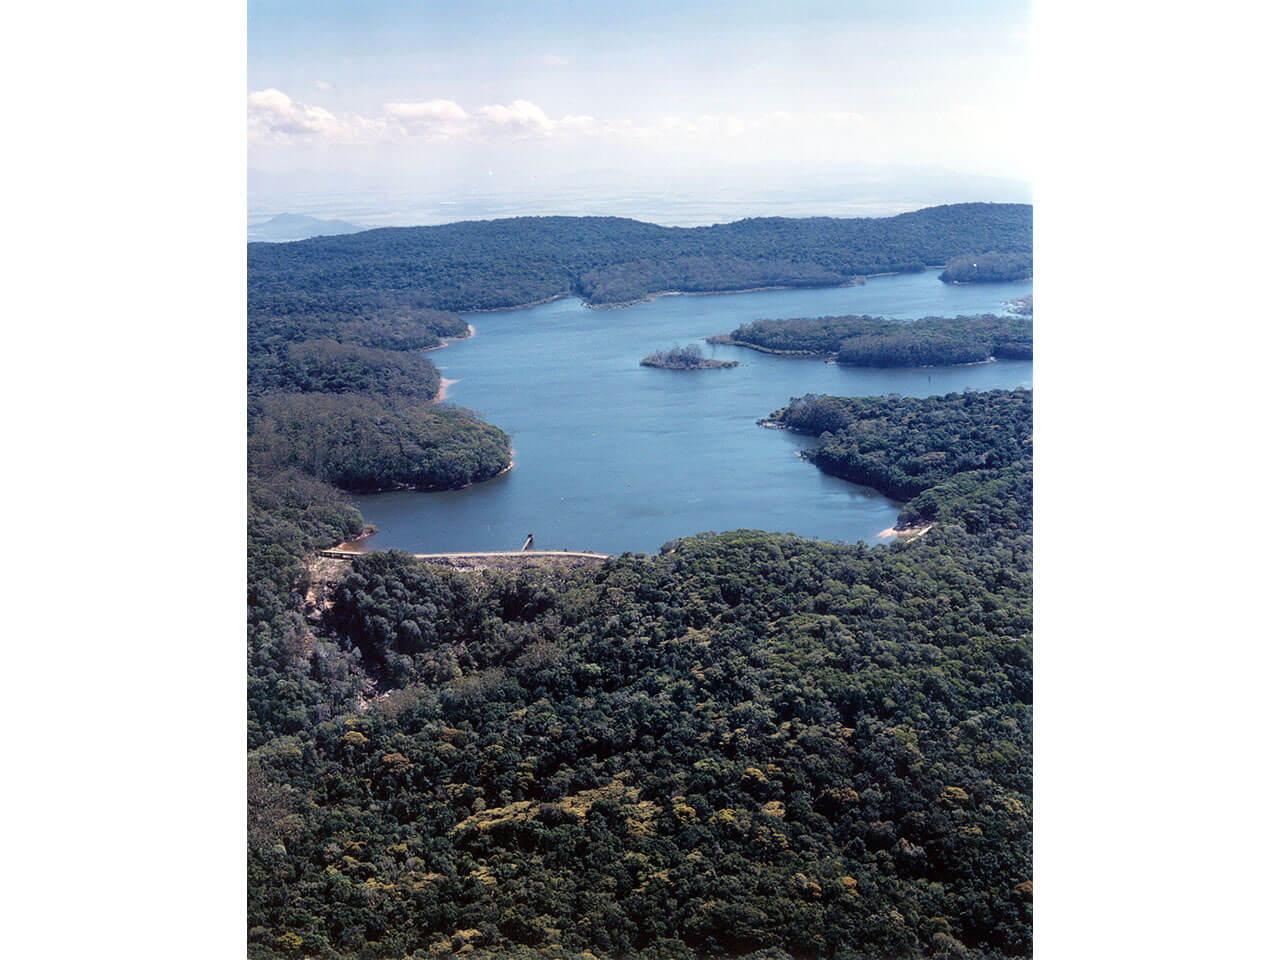 Paluma Dam - Aerial view (2002)